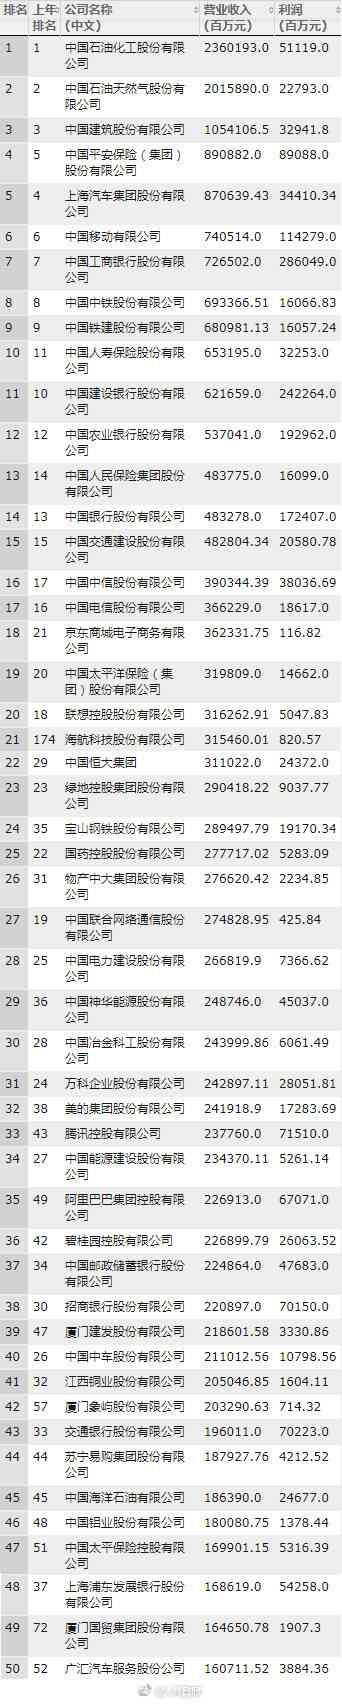 2018中国500强都有哪些企业?2018中国500强详细名单揭晓